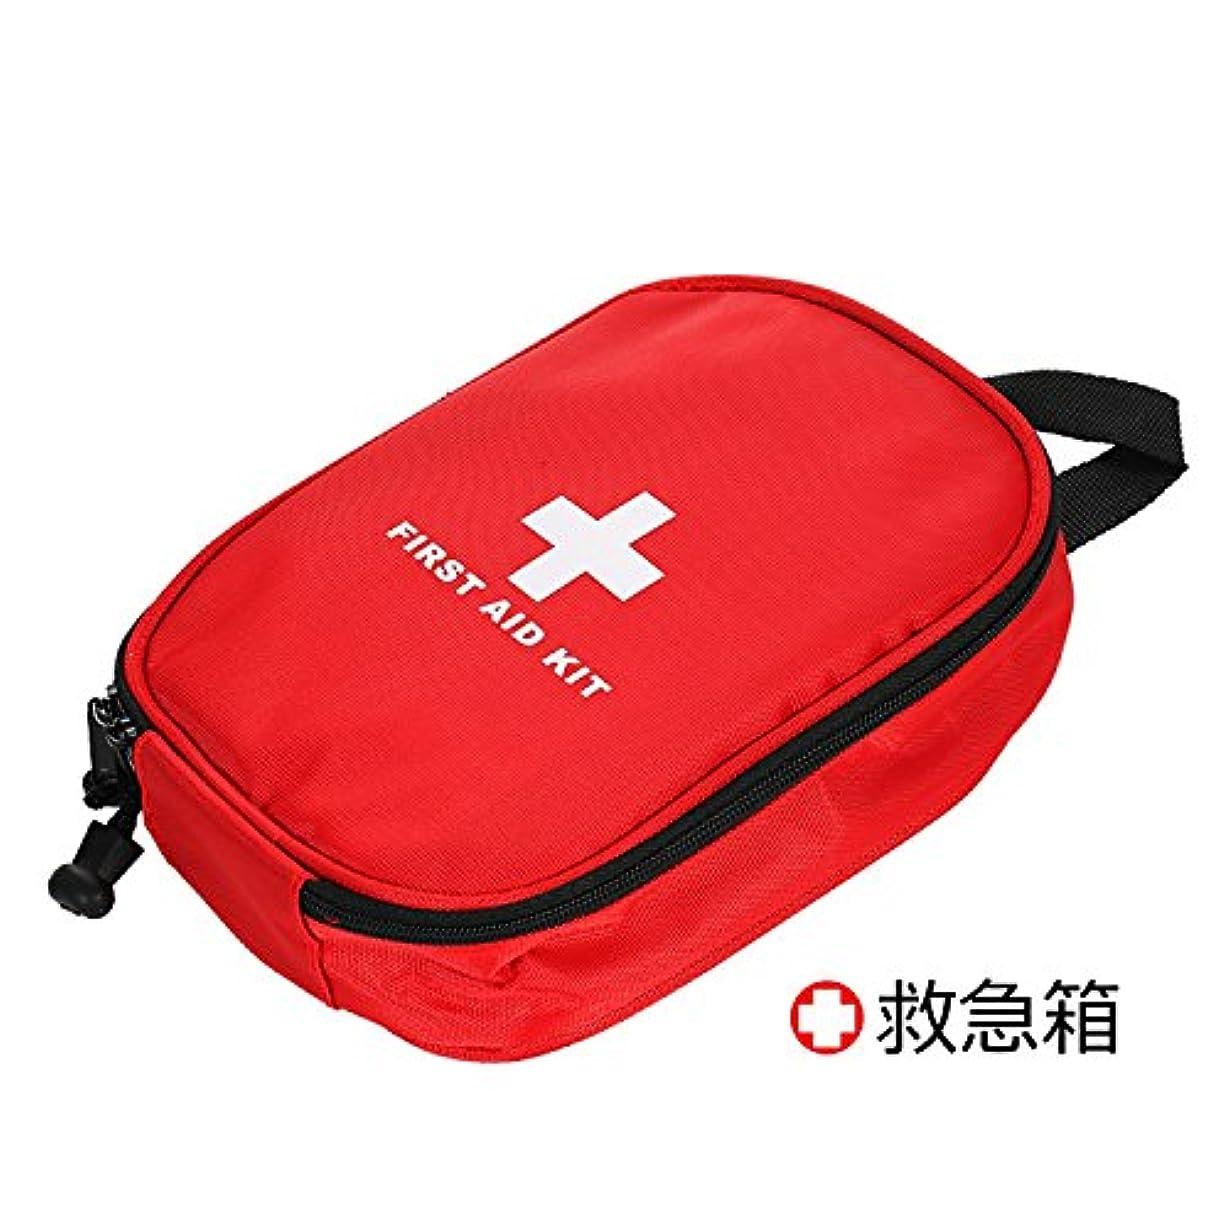 交通リスナーランデブー救急セットファーストエイドキット応急処置アウトドア携帯用救急箱 メディカルポーチ旅行 家庭 防災セット(13種類63セット)